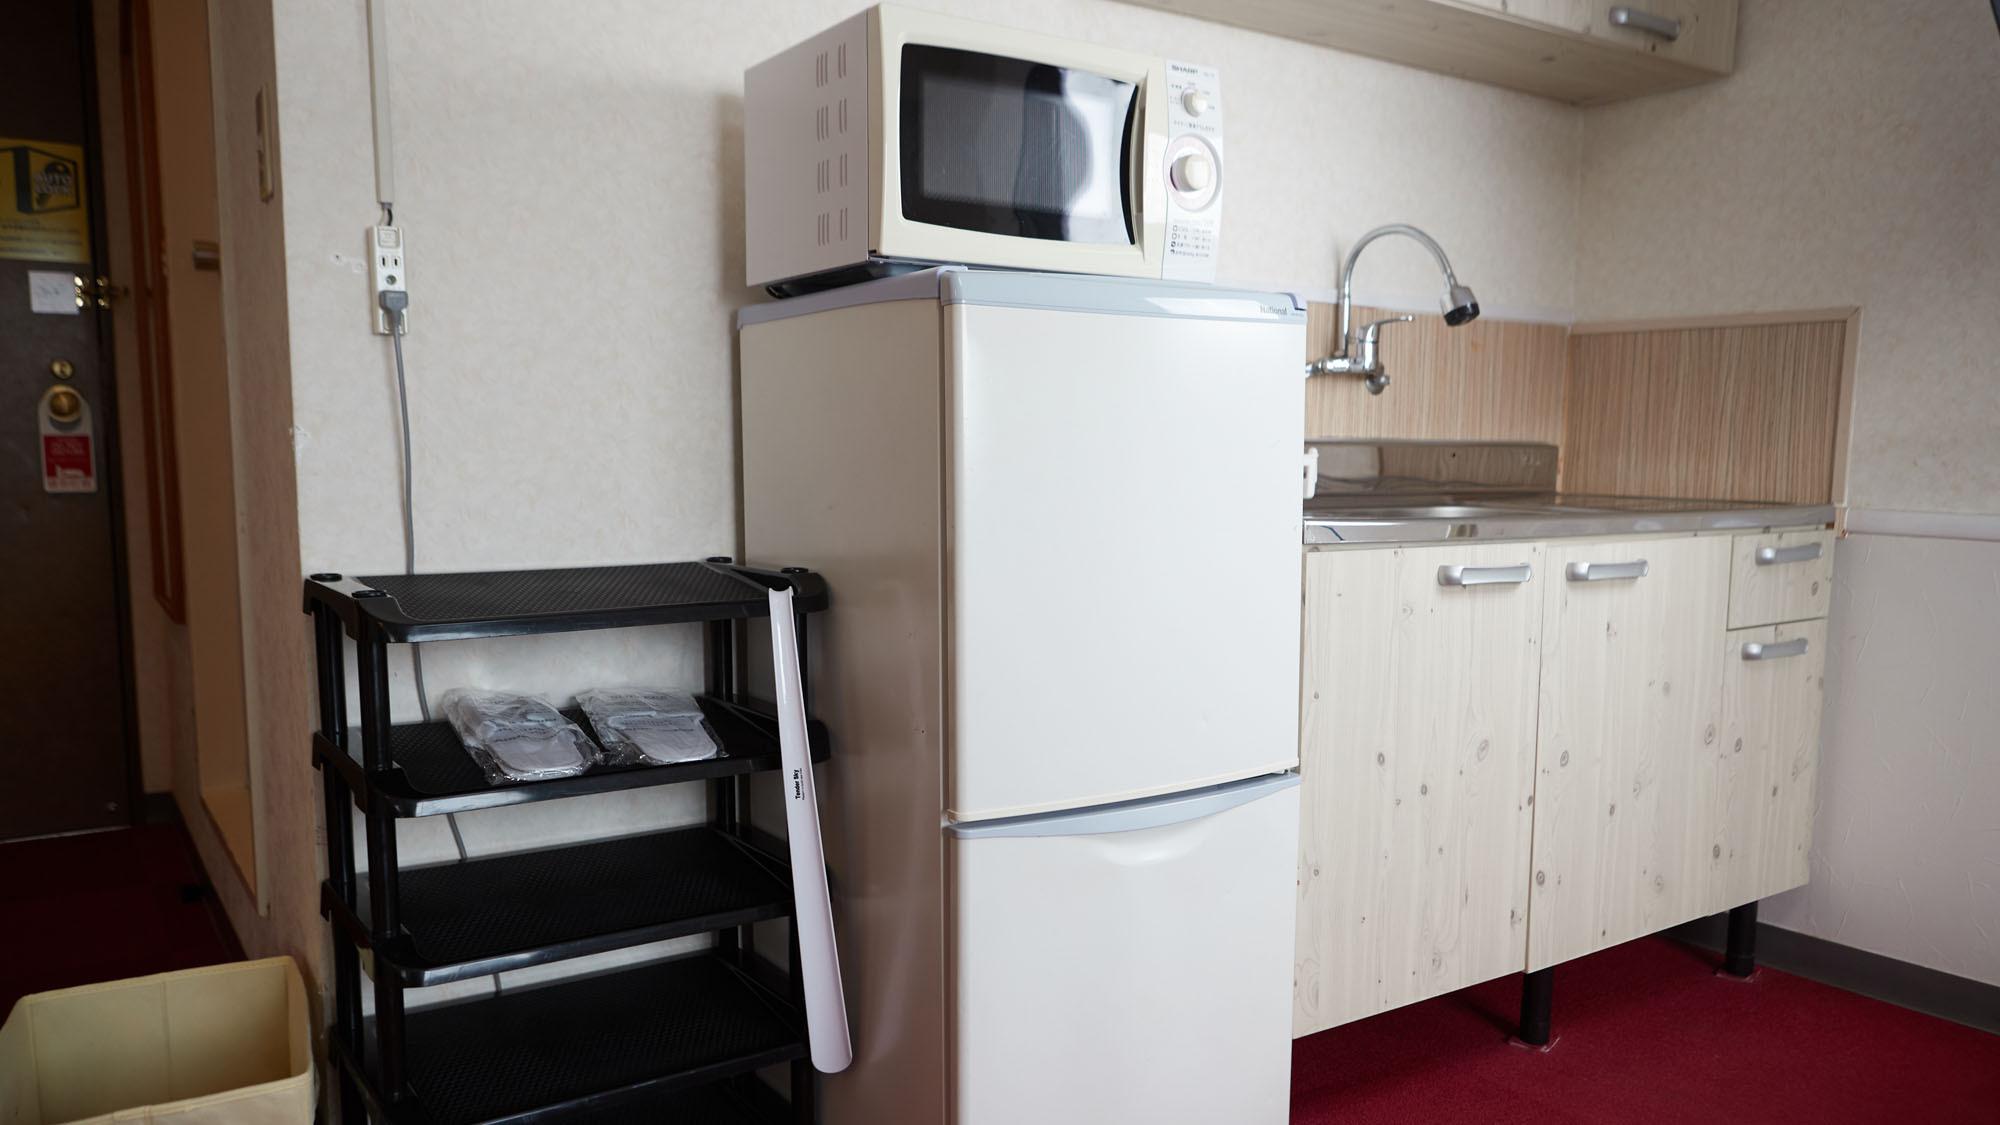 【ファミリールーム】電子レンジ・冷蔵庫・ミニキッチン